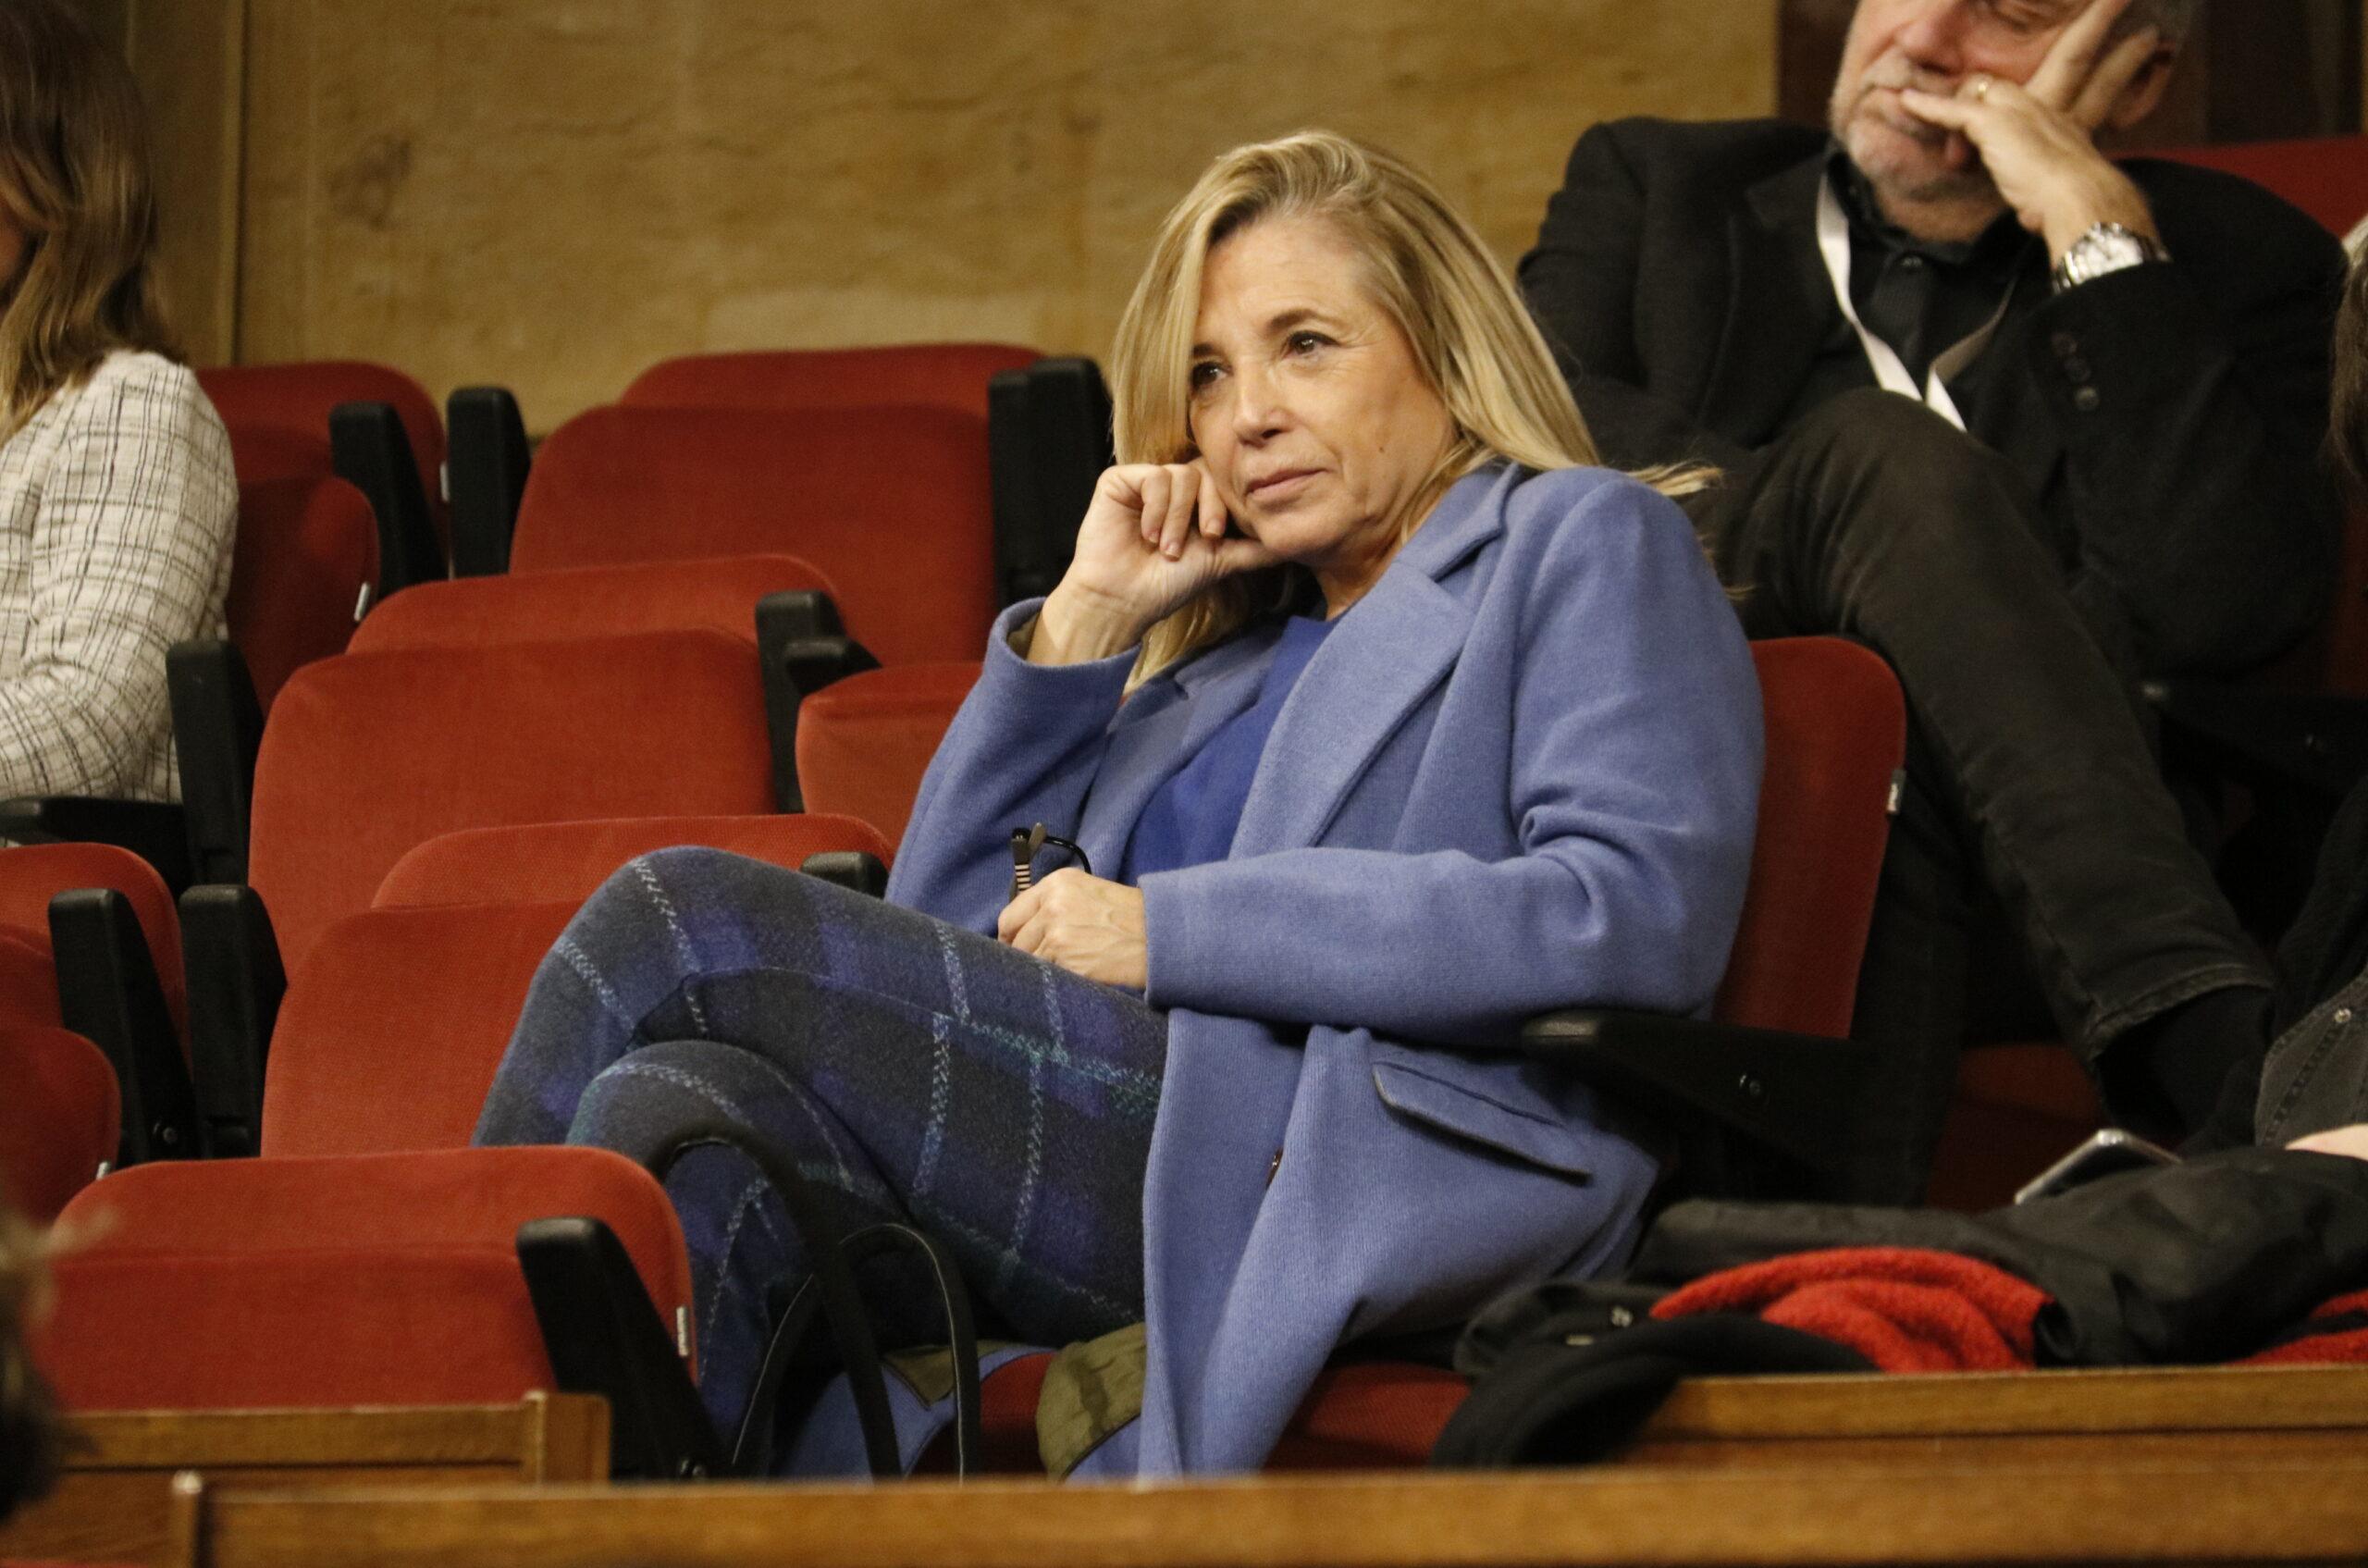 L'exvicepresidenta Joana Ortega en una imatge d'arxiu | ACN